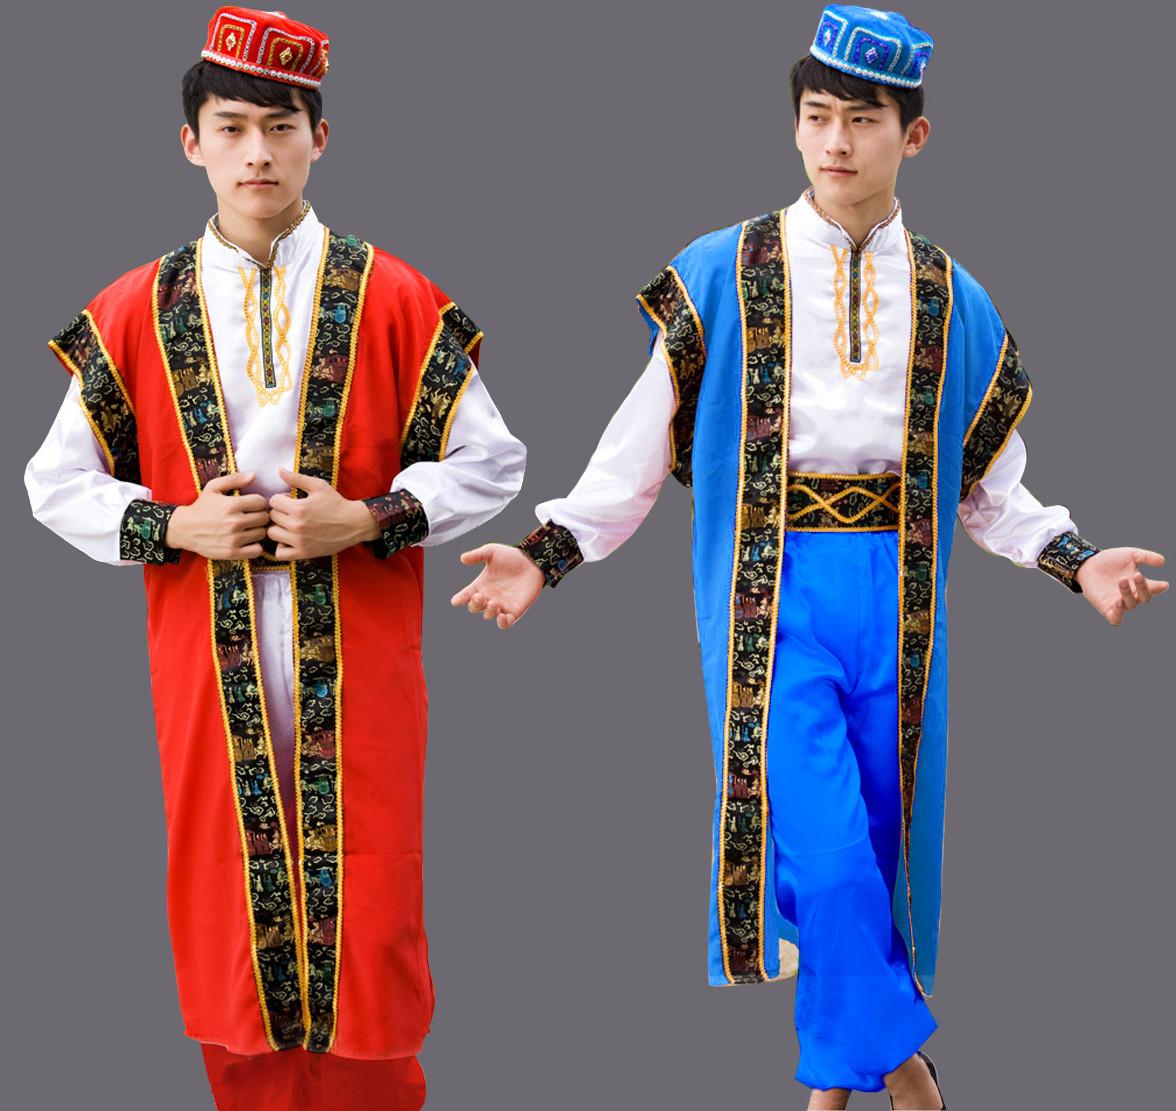 维吾尔族特色价格 维吾尔族特色哪个品牌好 什么牌子的维吾尔族特色好 少数民族特色工艺品正品比价 挖东西